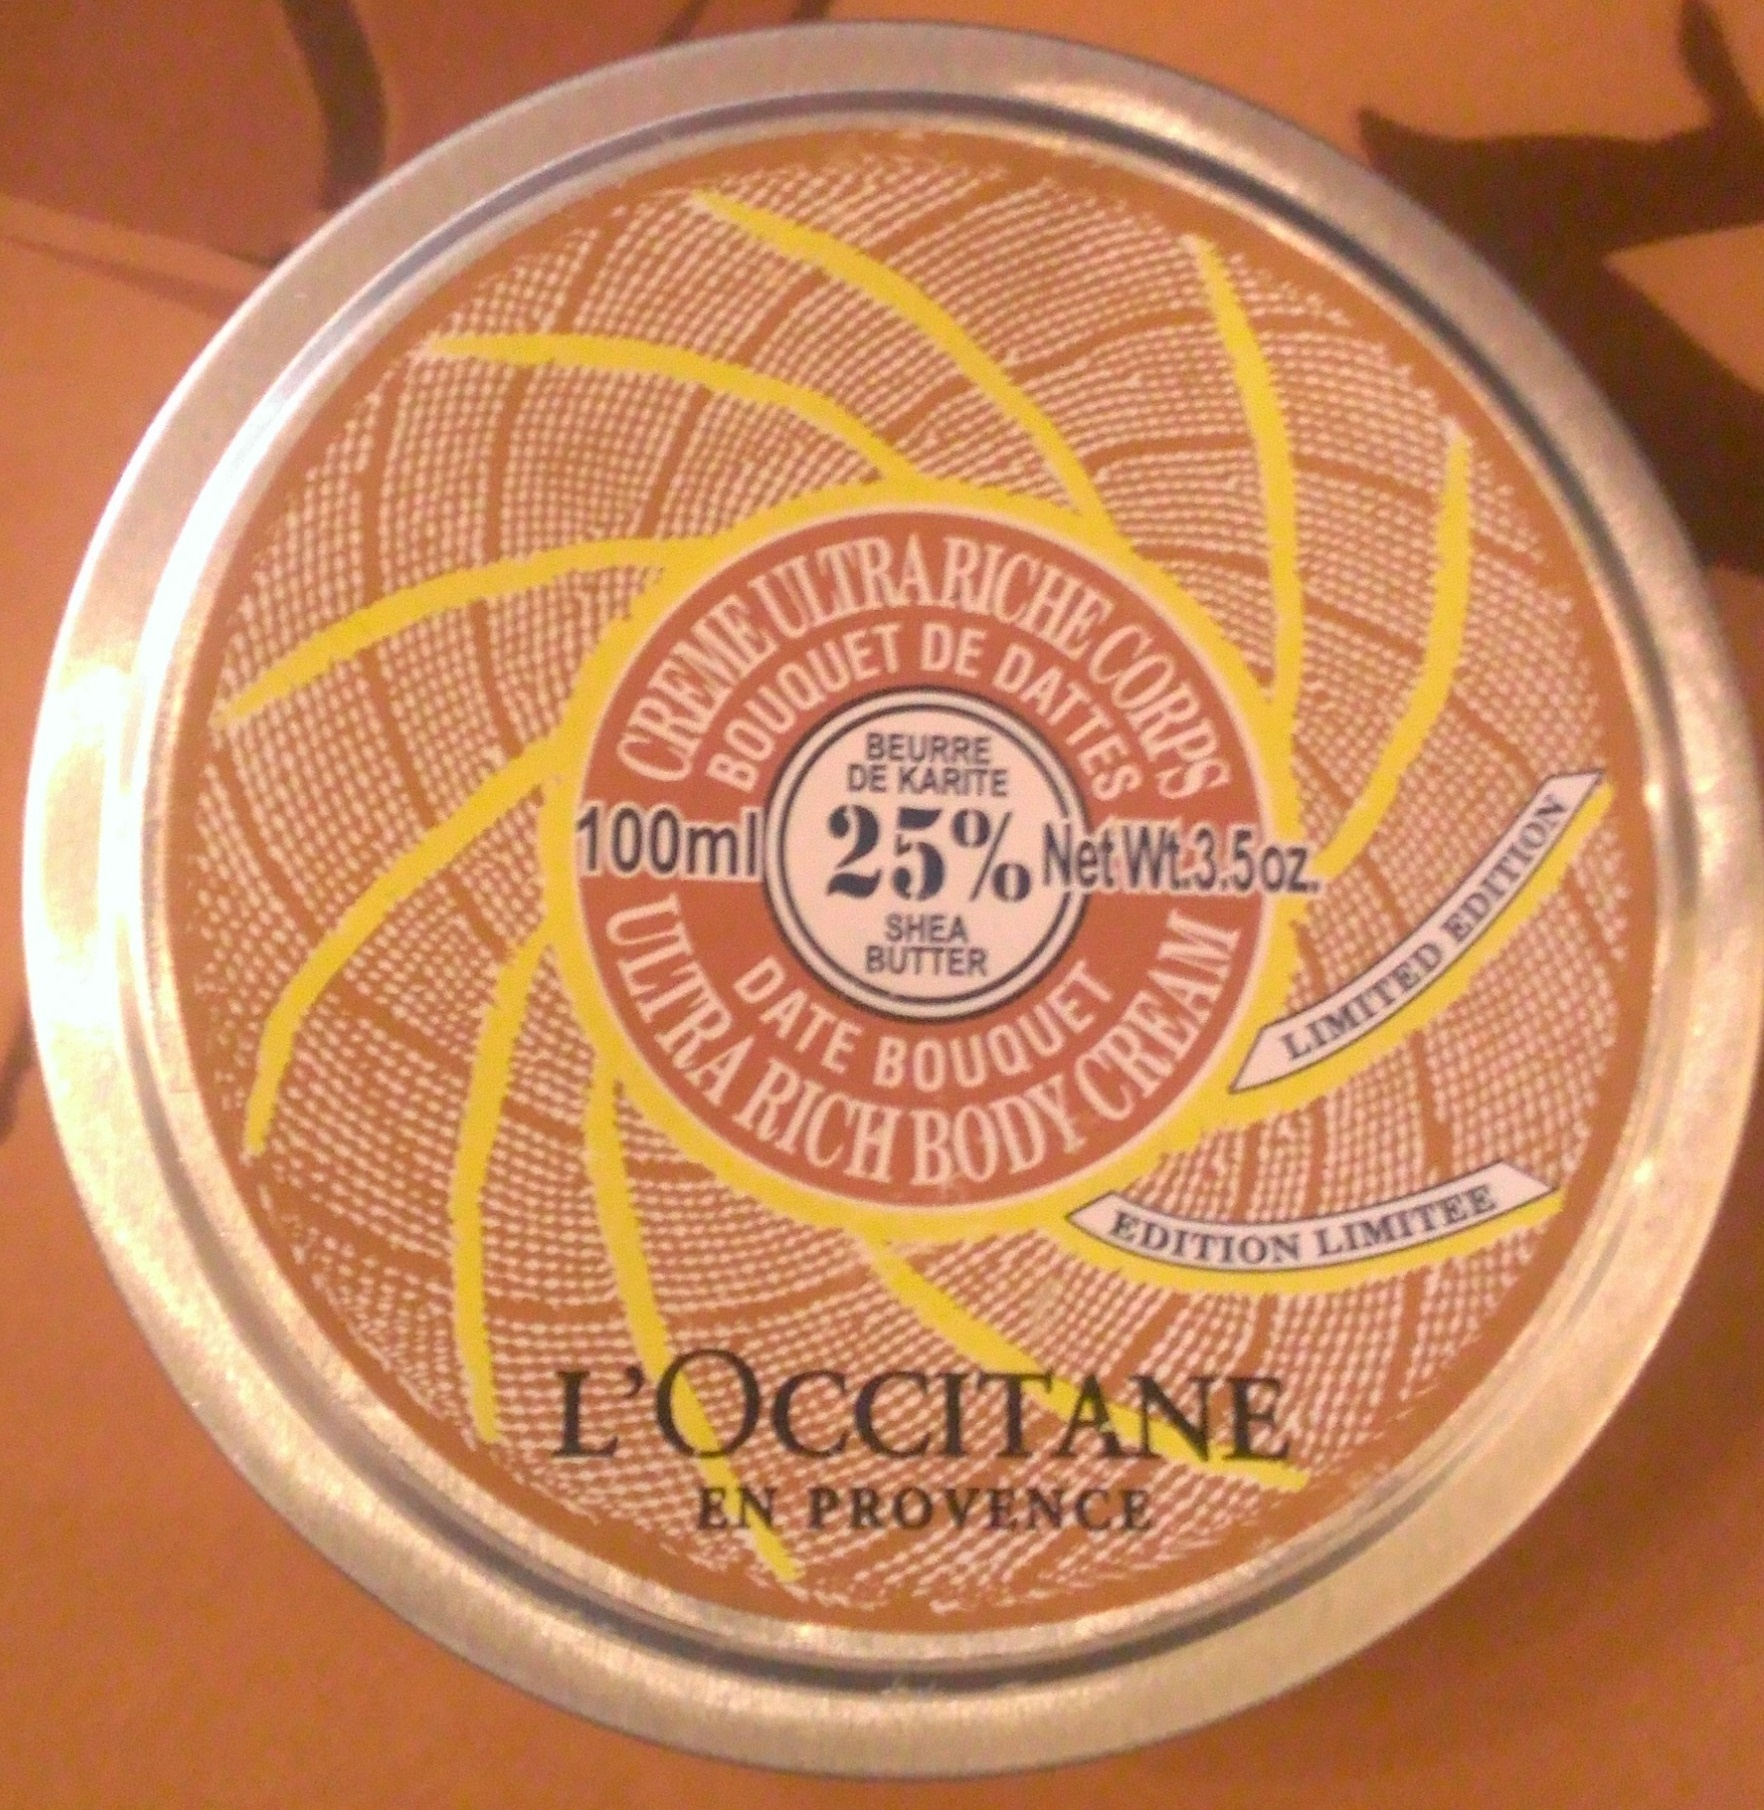 Crème ultra riche corps bouquet de dattes - Product - fr